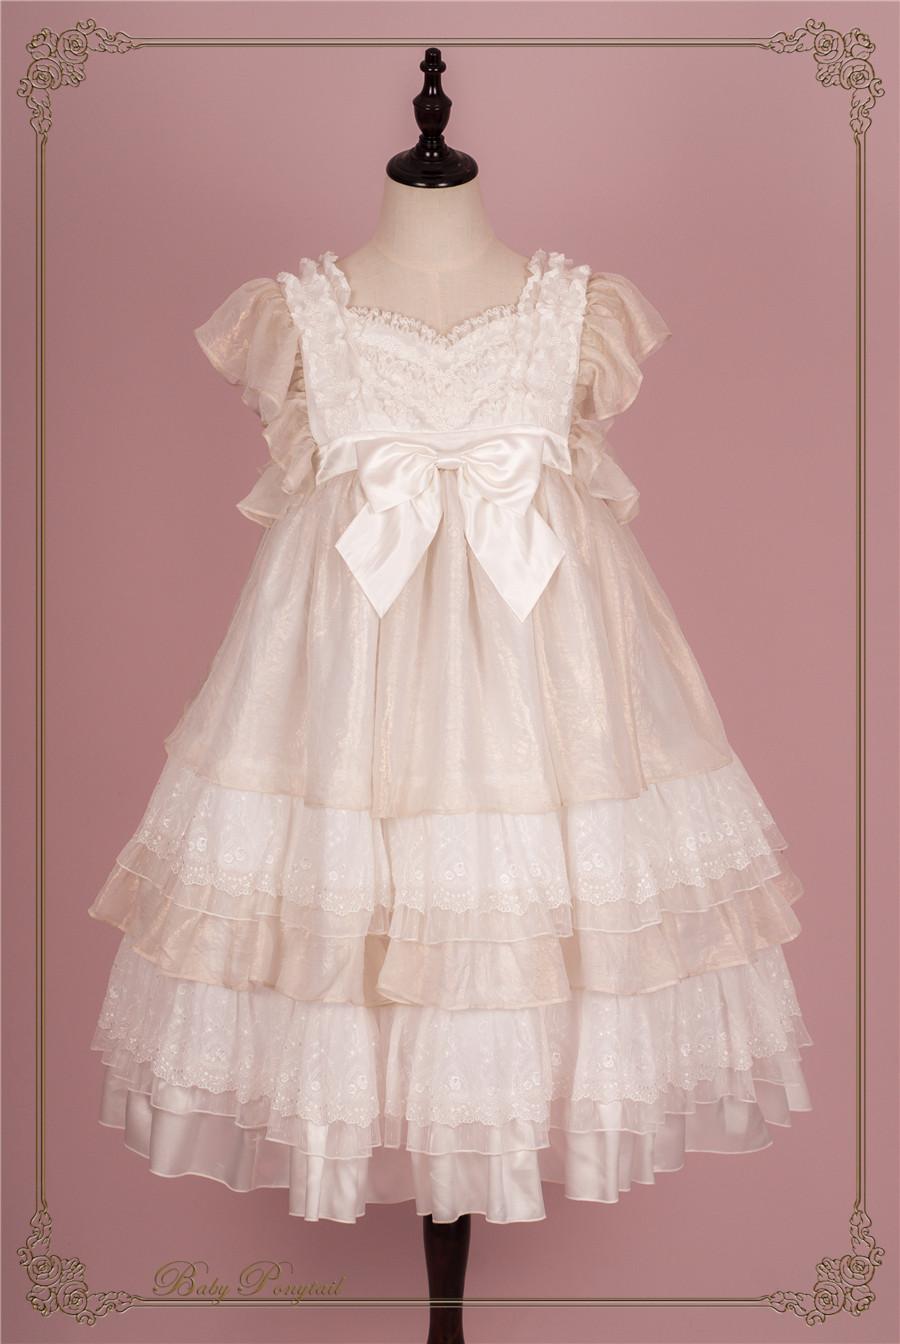 Babyponytail_Stock Photo_Present Angel_JSK White_1.jpg